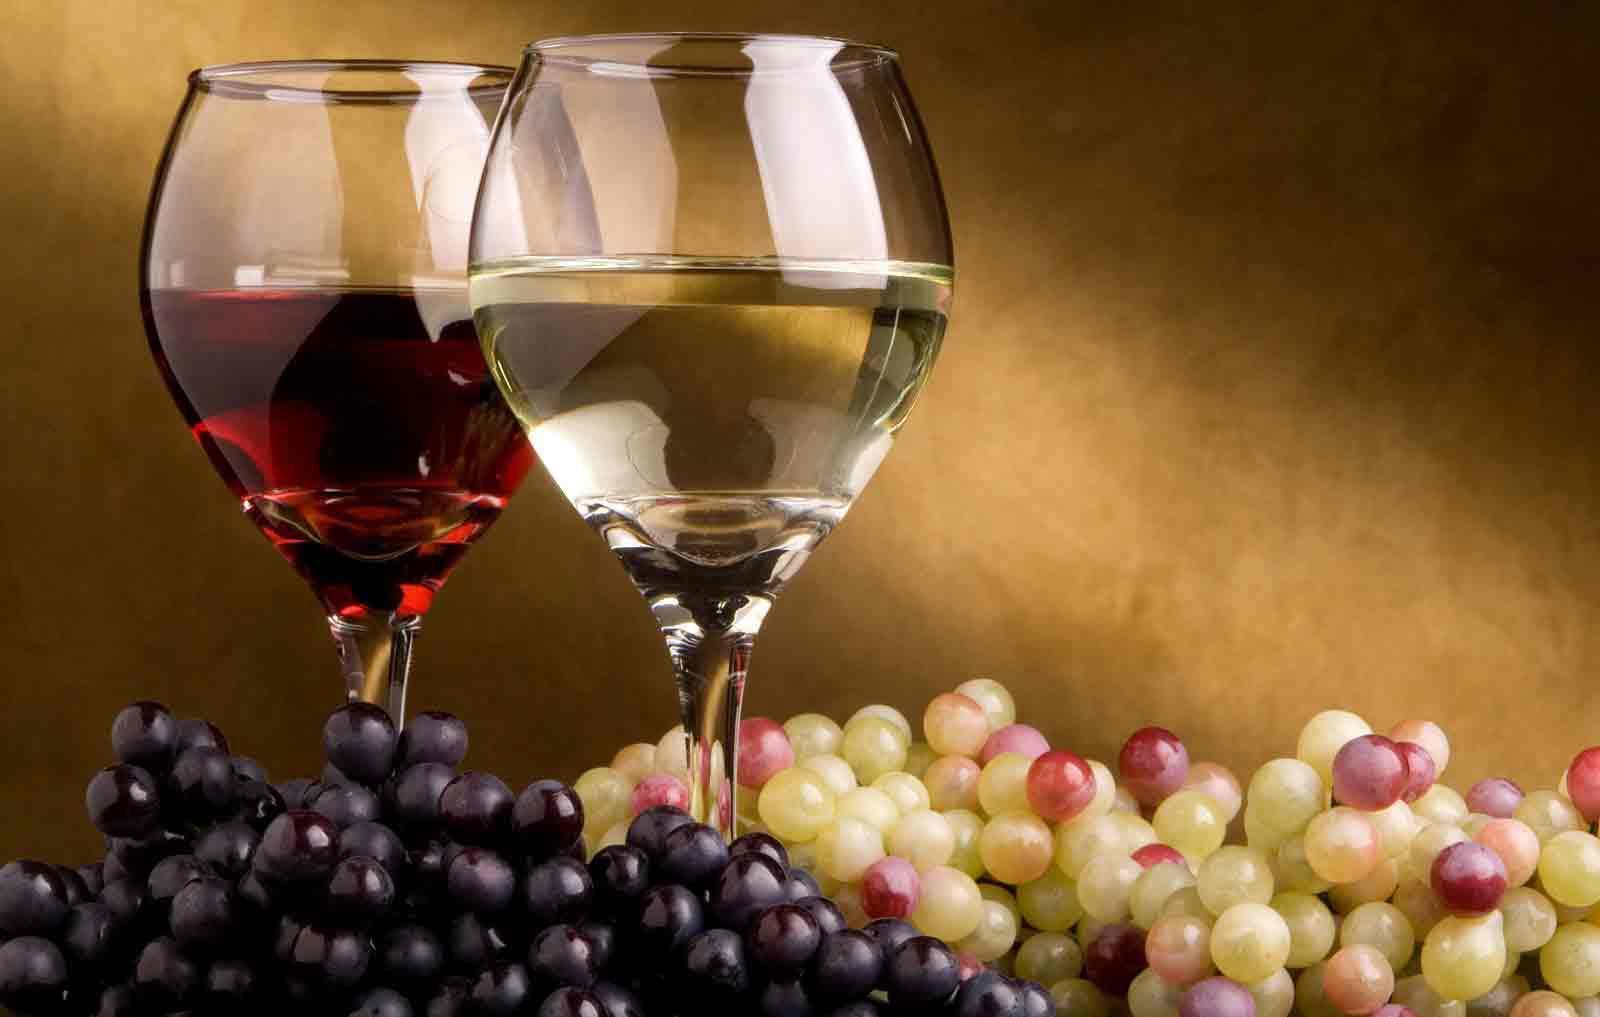 L'Italia del vino guarda ai consumi interni, ma l'export resta il business